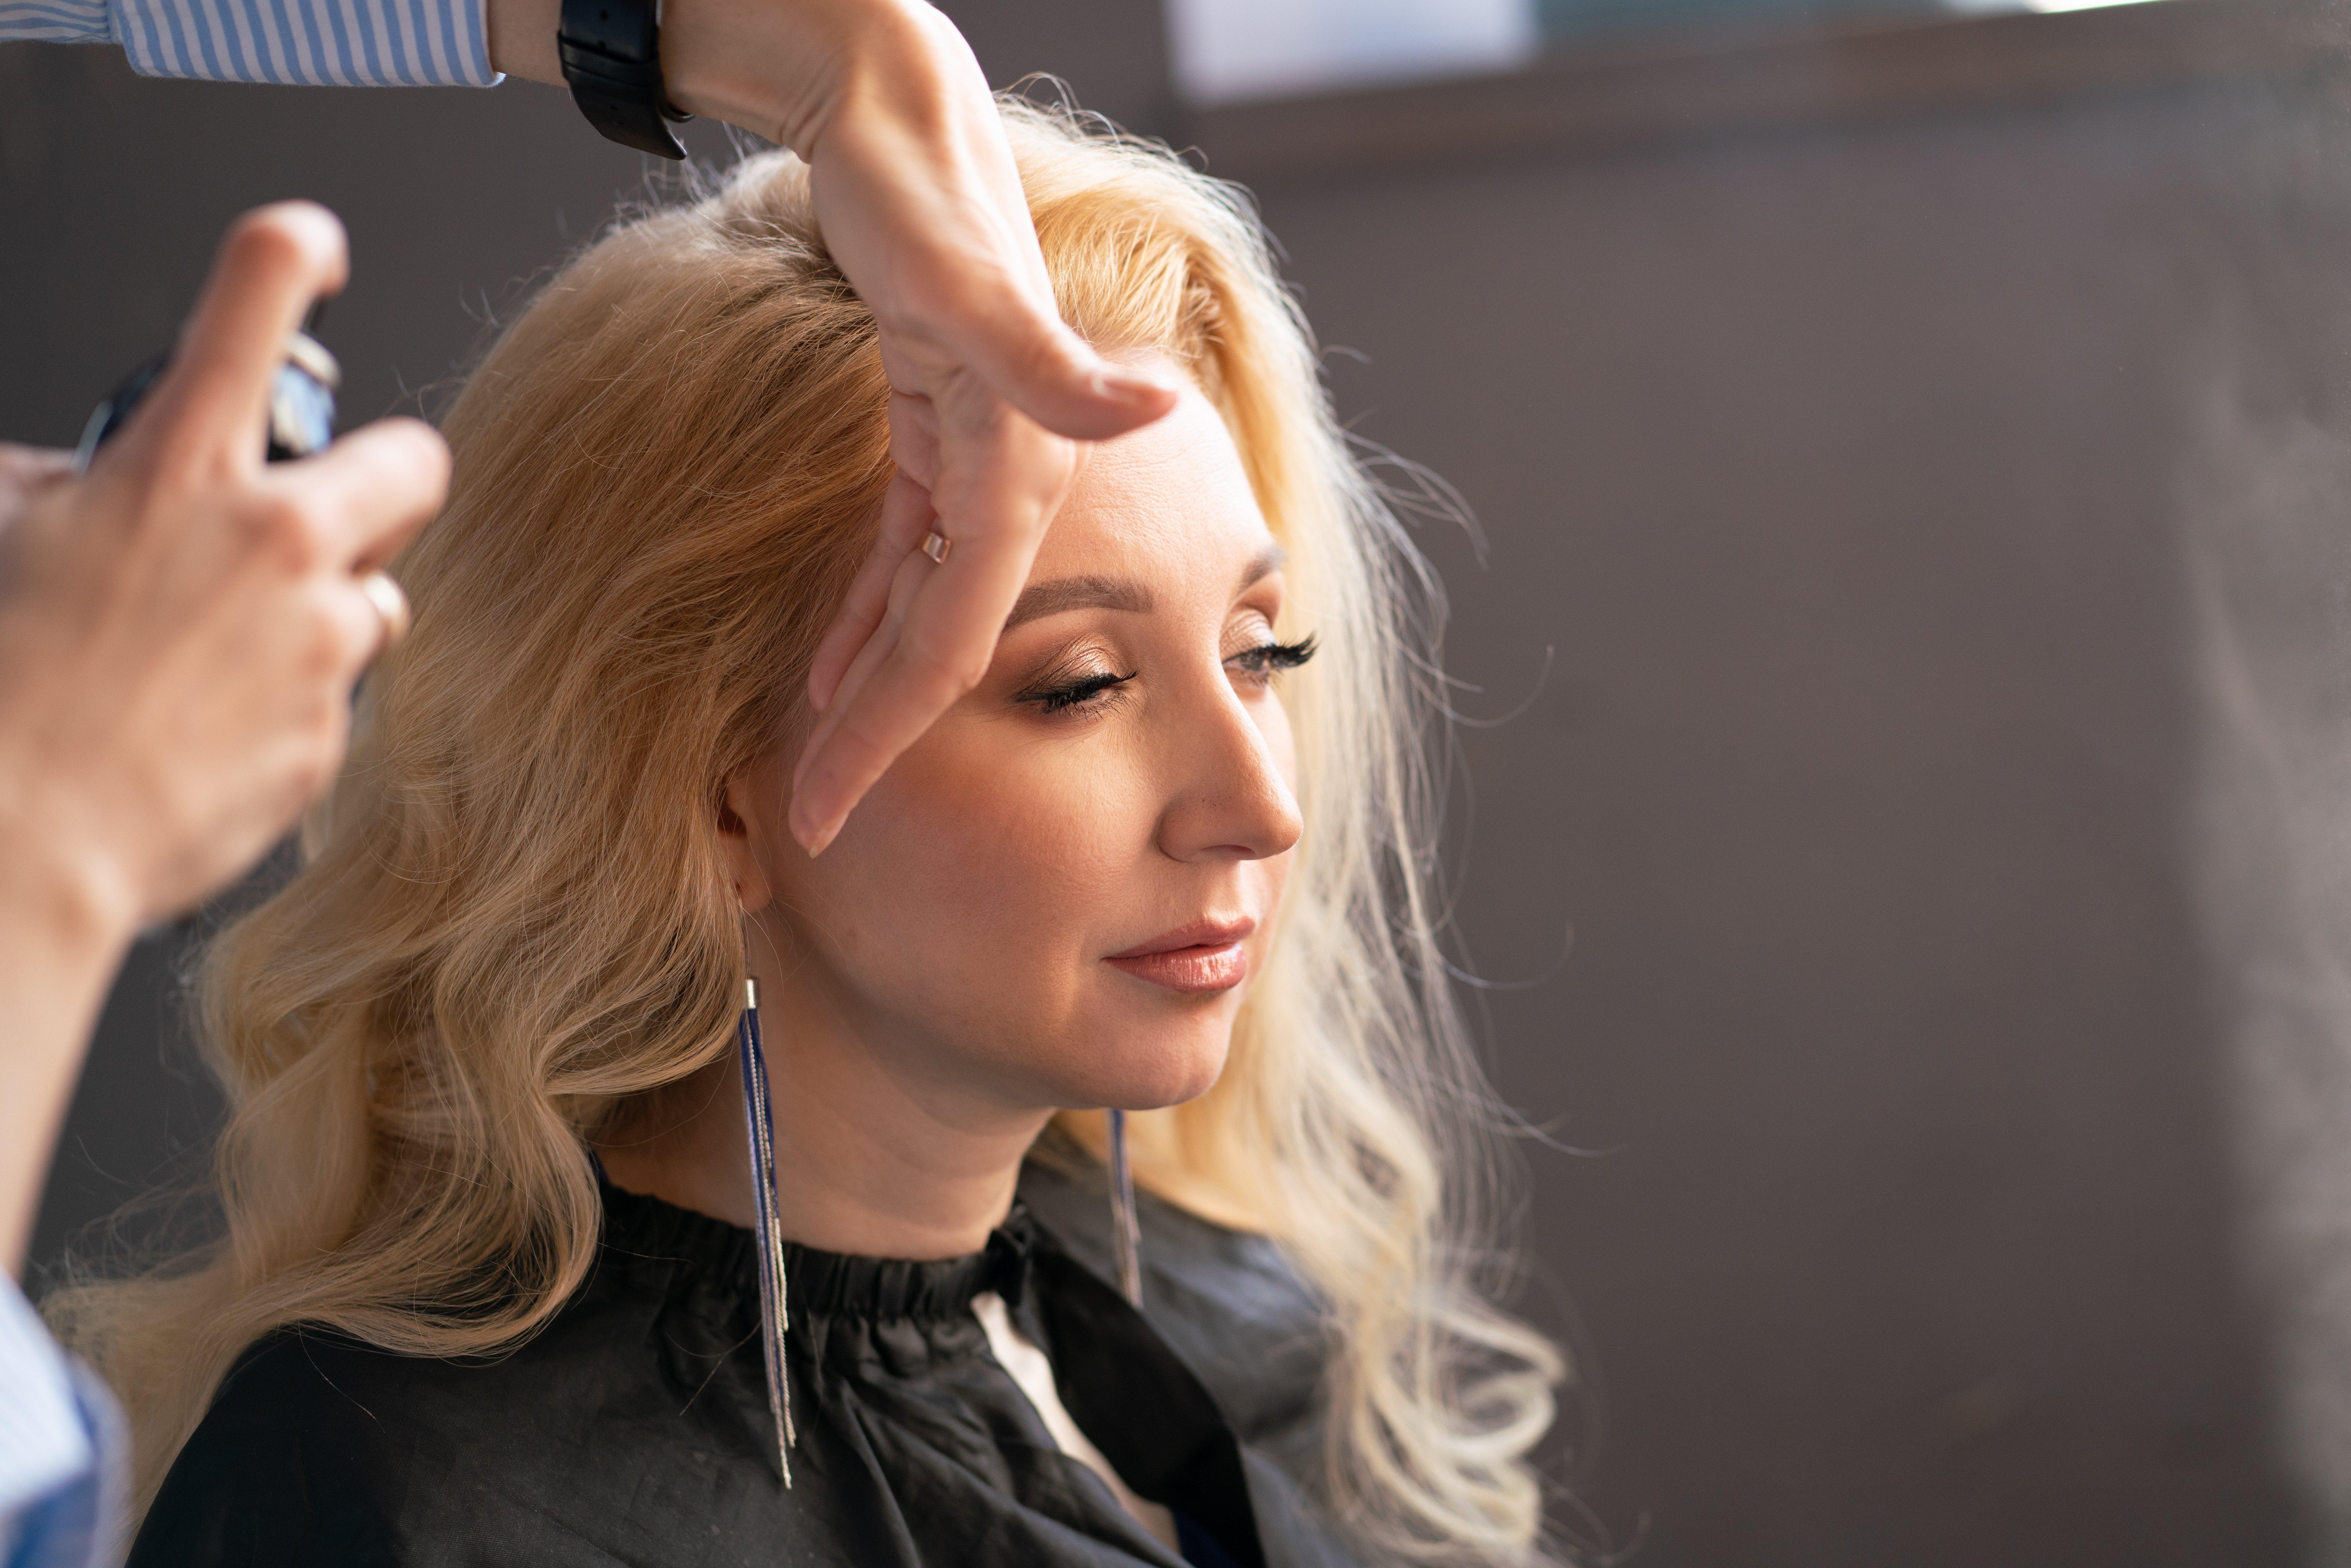 Peluquera arregla el cabello de la mujer. Fuente: Shutterstock